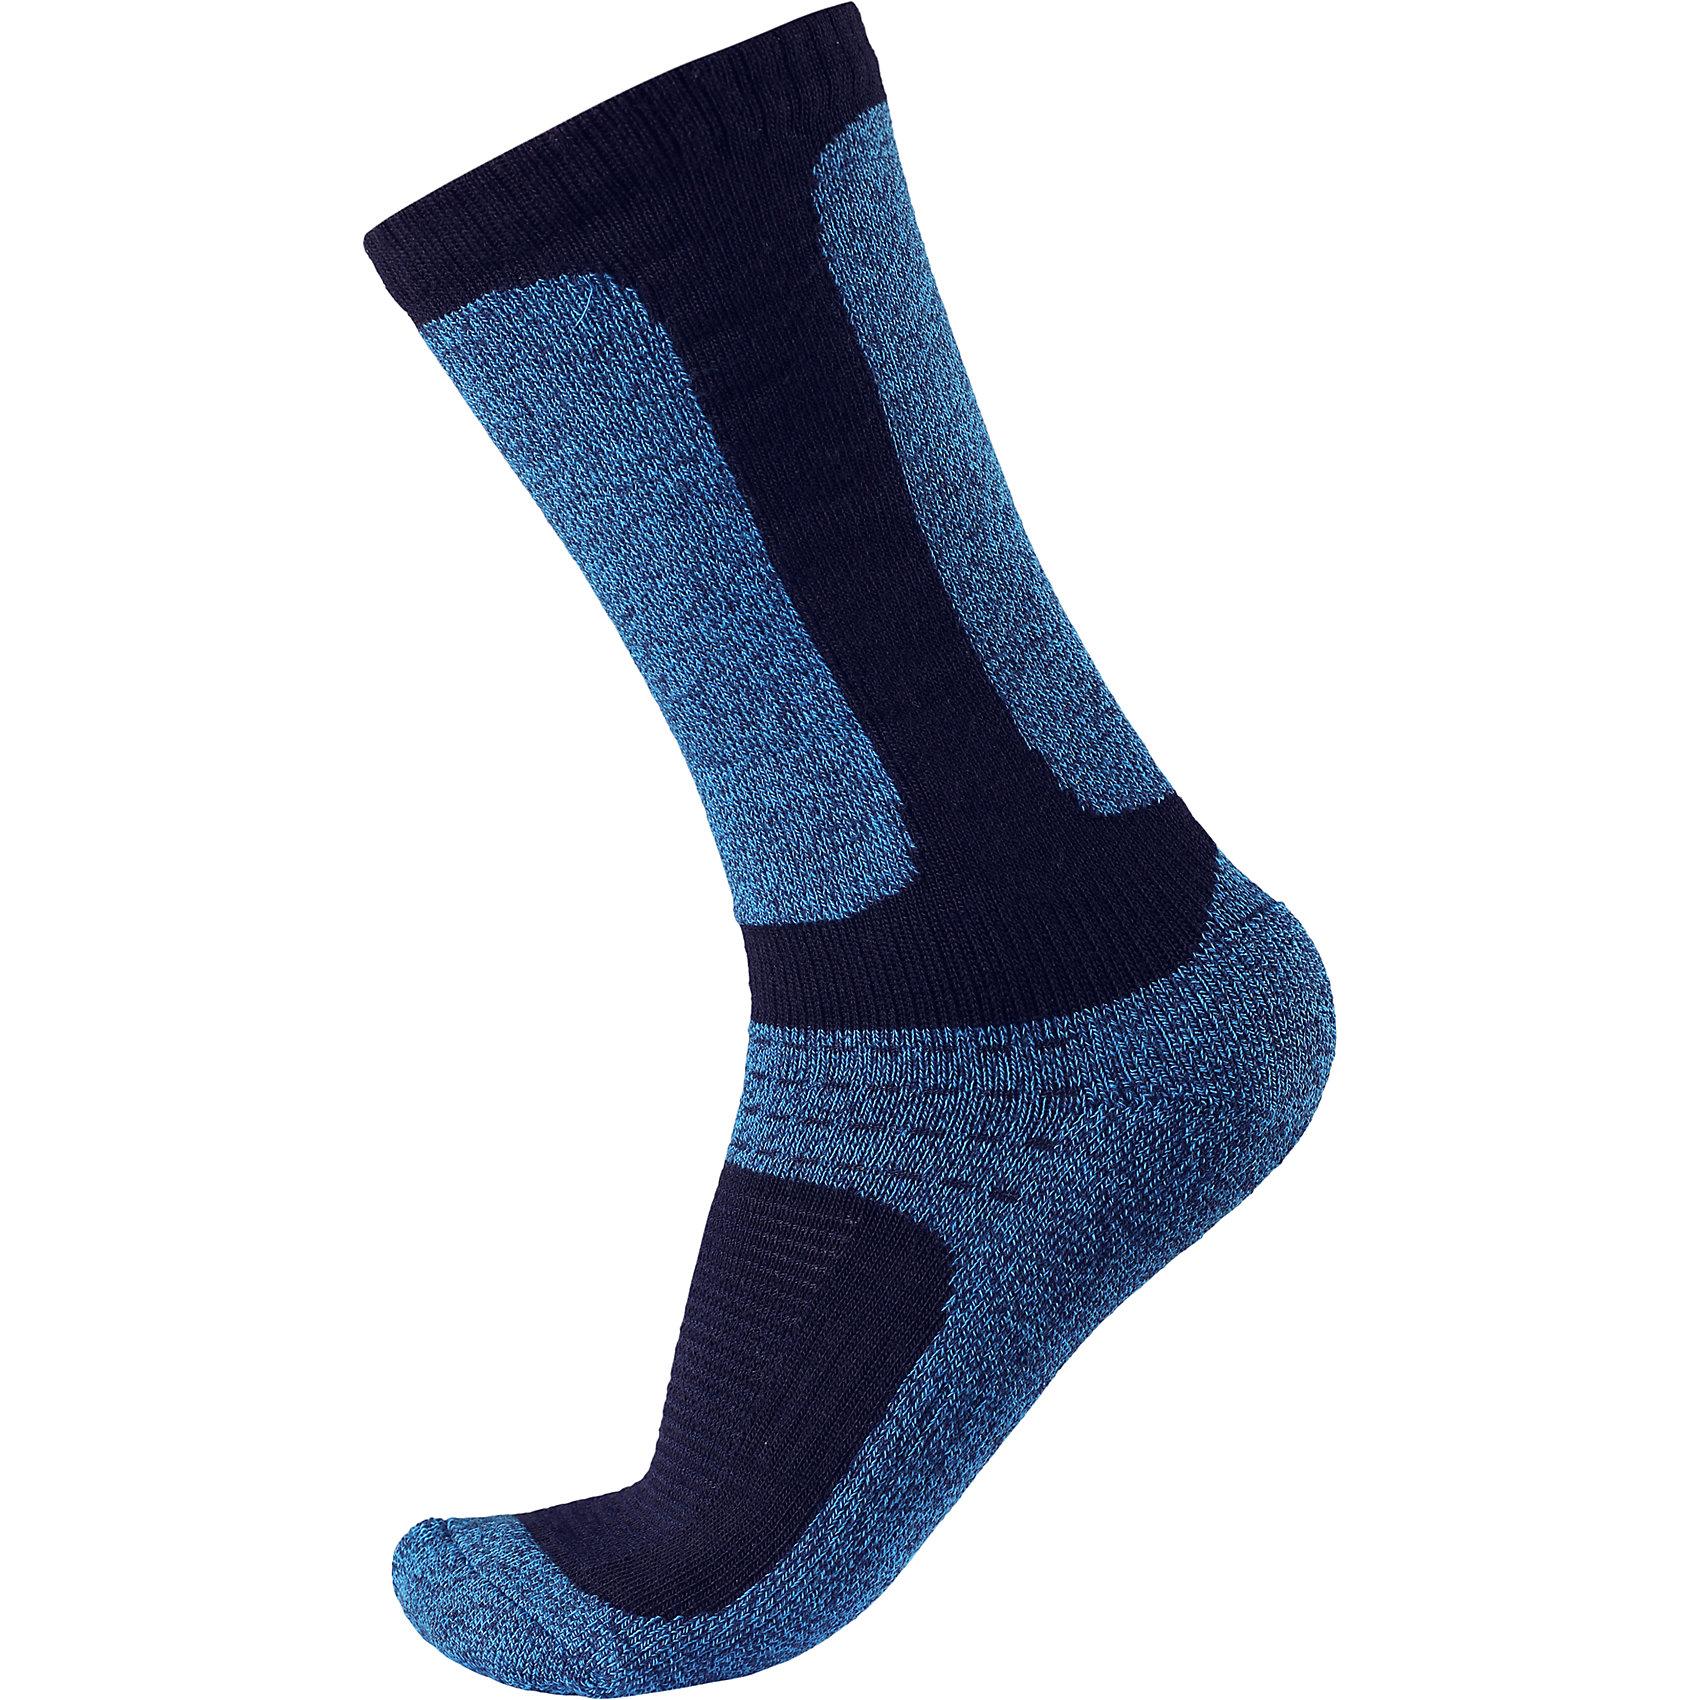 Носки Loma для мальчика ReimaОдежда<br>Носки  Reima<br>Носки для детей и подростков. Coolmax® отводит влагу, а шерсть сохраняет тепло. Мягкий теплый футер с внутренней стороны для максимального комфорта. Накладки на ступнях, лодыжках и больших пальцах. Благодаря удлиненной вязаной резинке носок не съезжает. Быстро сохнет и сохраняет тепло.<br>Уход:<br>0<br>Состав:<br>24% Шерсть, 66% полиэстер COOLMAX®, 5% эластан, 5% полиамид<br><br>Ширина мм: 87<br>Глубина мм: 10<br>Высота мм: 105<br>Вес г: 115<br>Цвет: синий<br>Возраст от месяцев: 156<br>Возраст до месяцев: 168<br>Пол: Мужской<br>Возраст: Детский<br>Размер: 38,30,26,34<br>SKU: 4774960